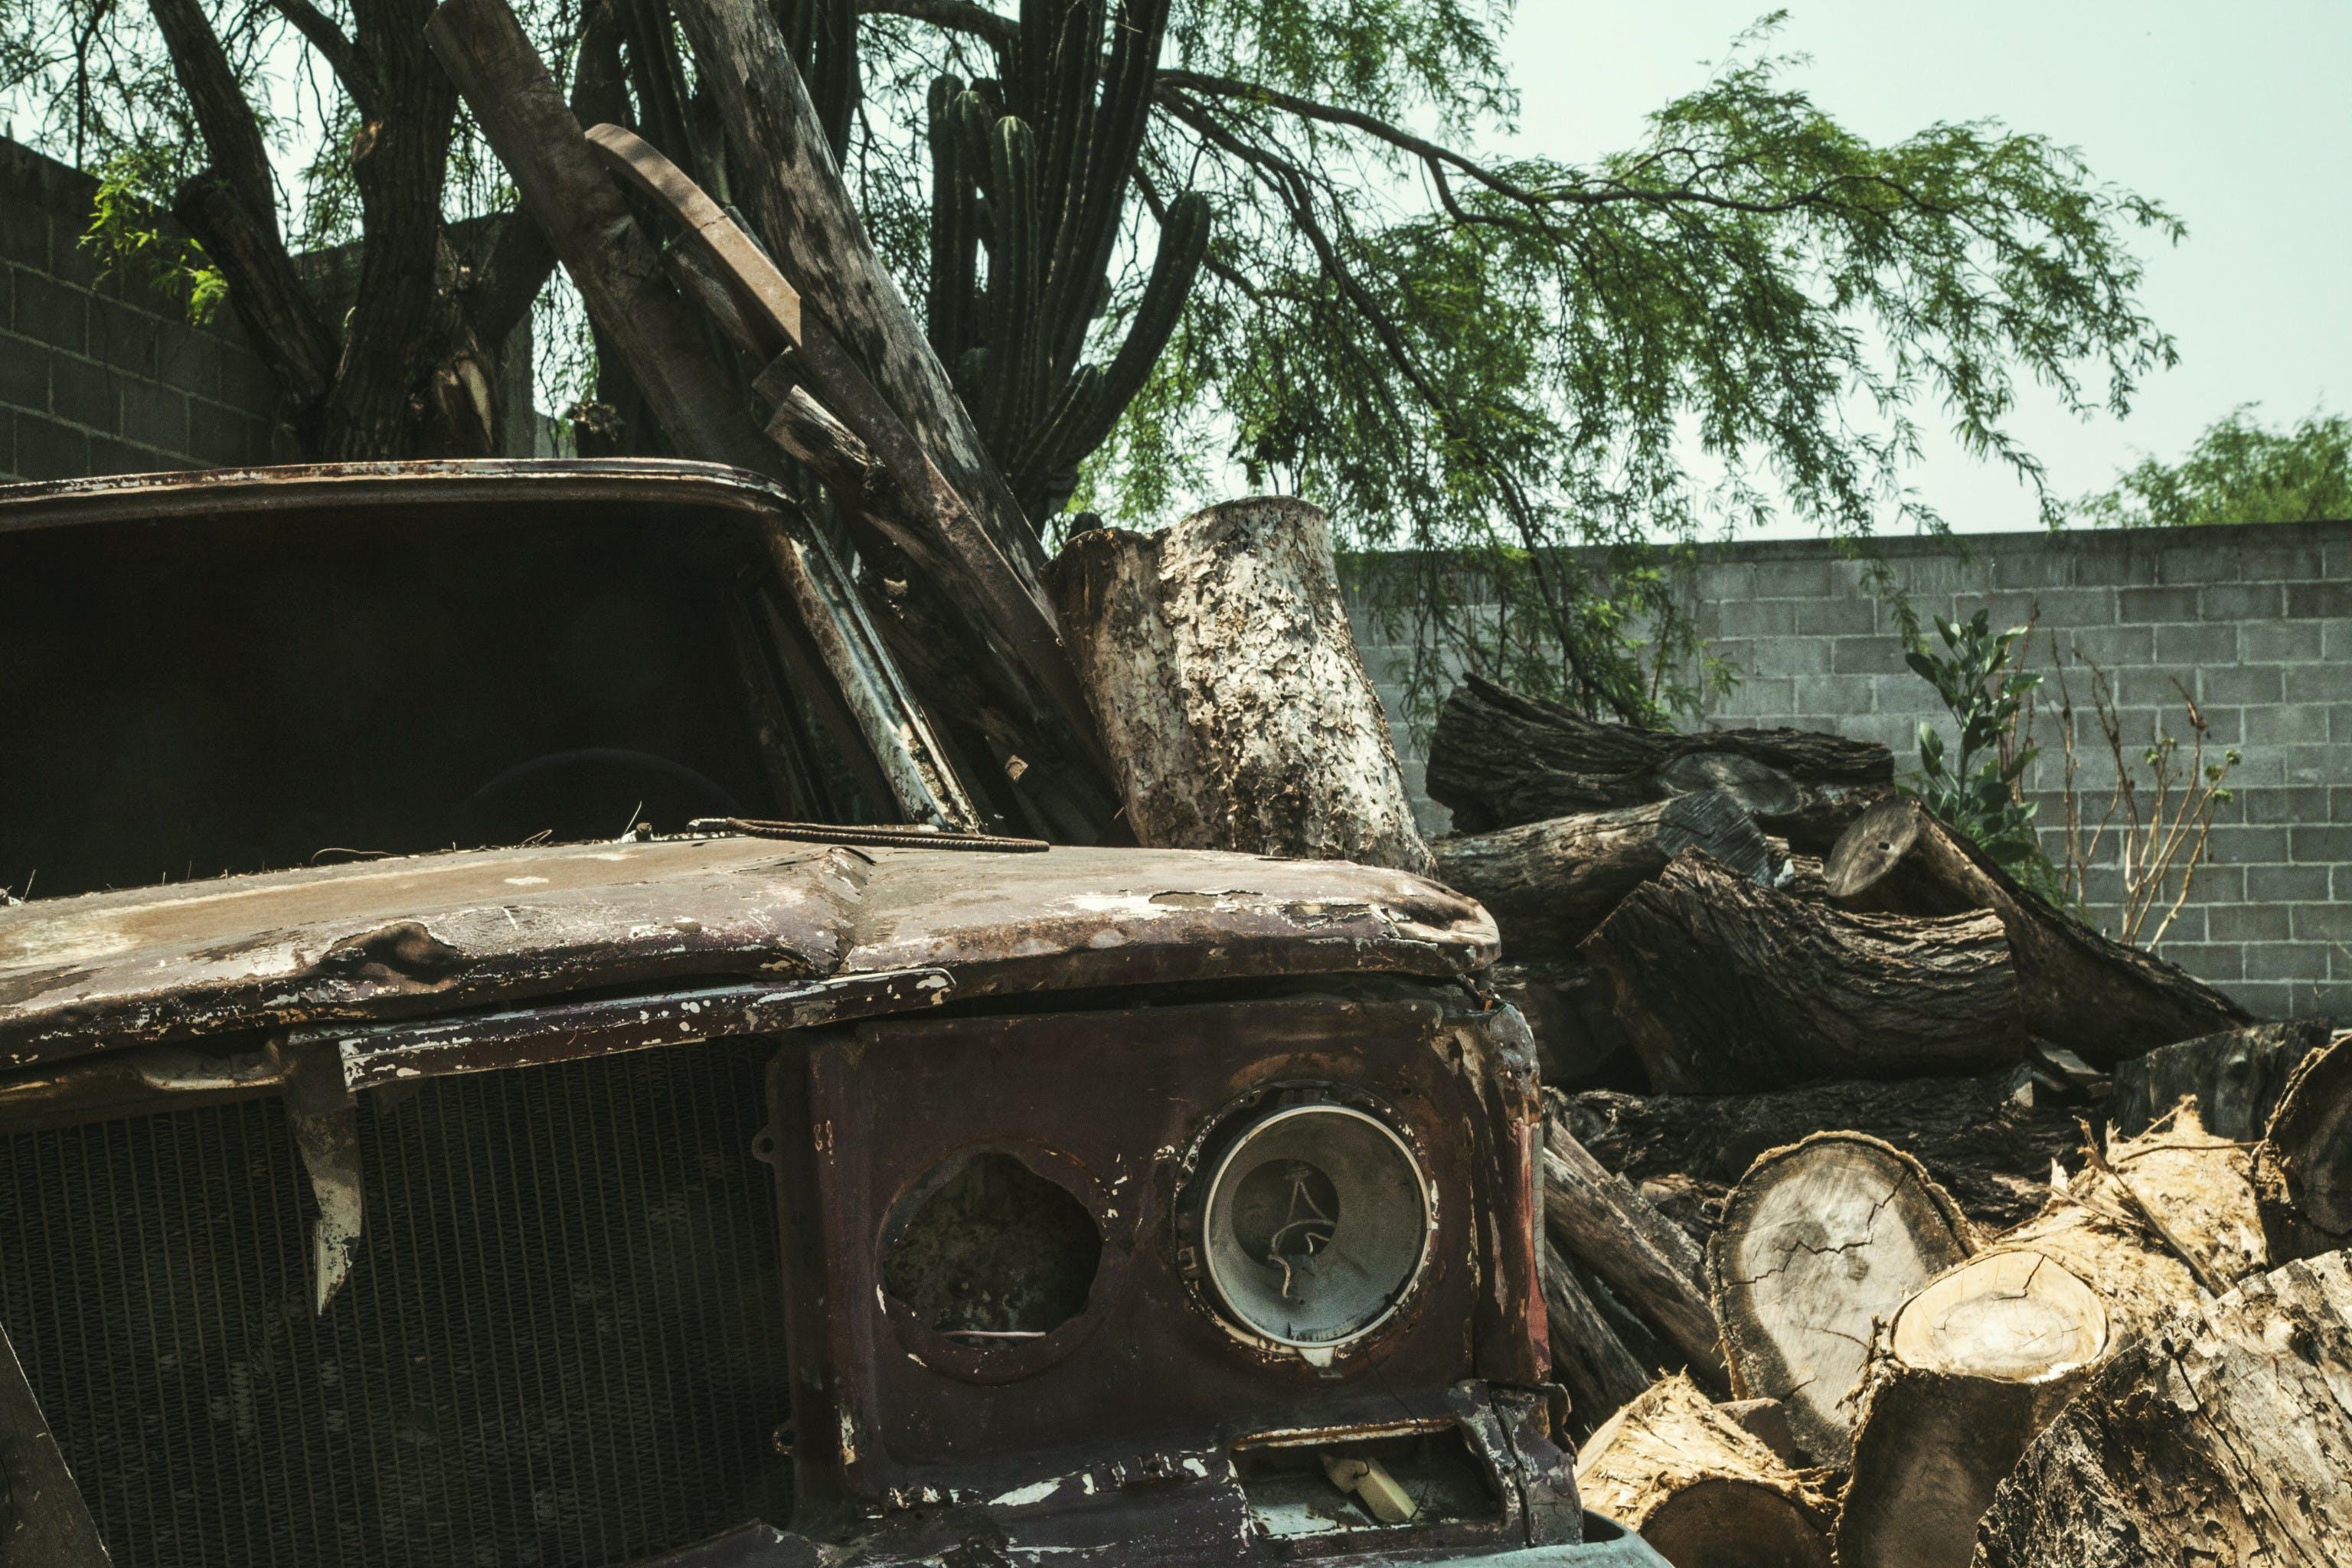 Brown Vehicle Beside Tree Trunks